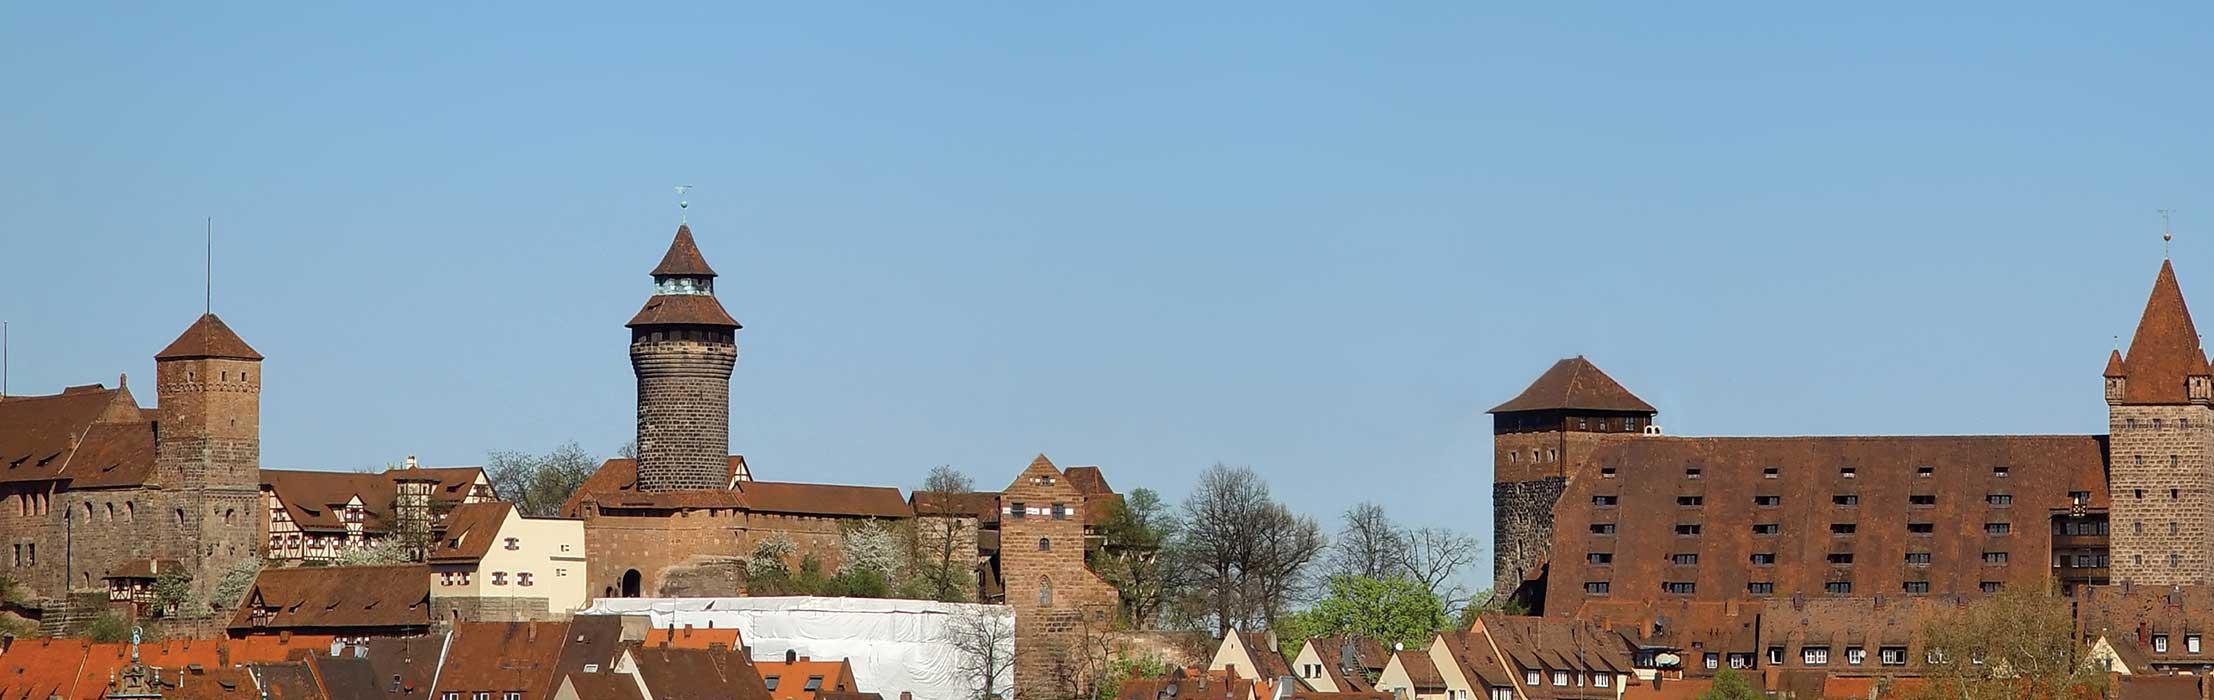 Gardinen Vetter Nürnberg